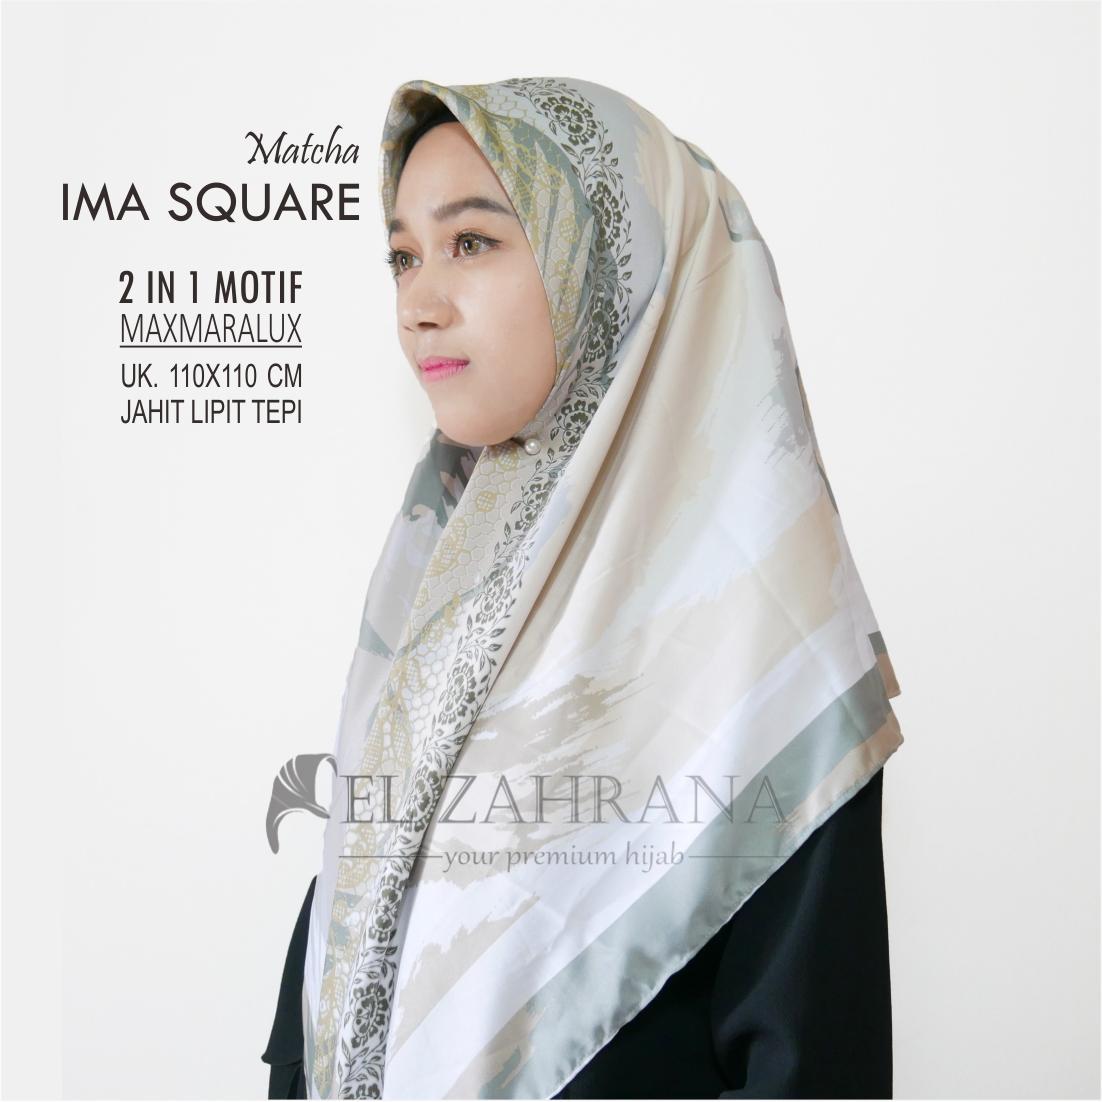 Jual square hijab monalisa murah garansi dan berkualitas ID Store Source · El Zahrana Kerudung Segi